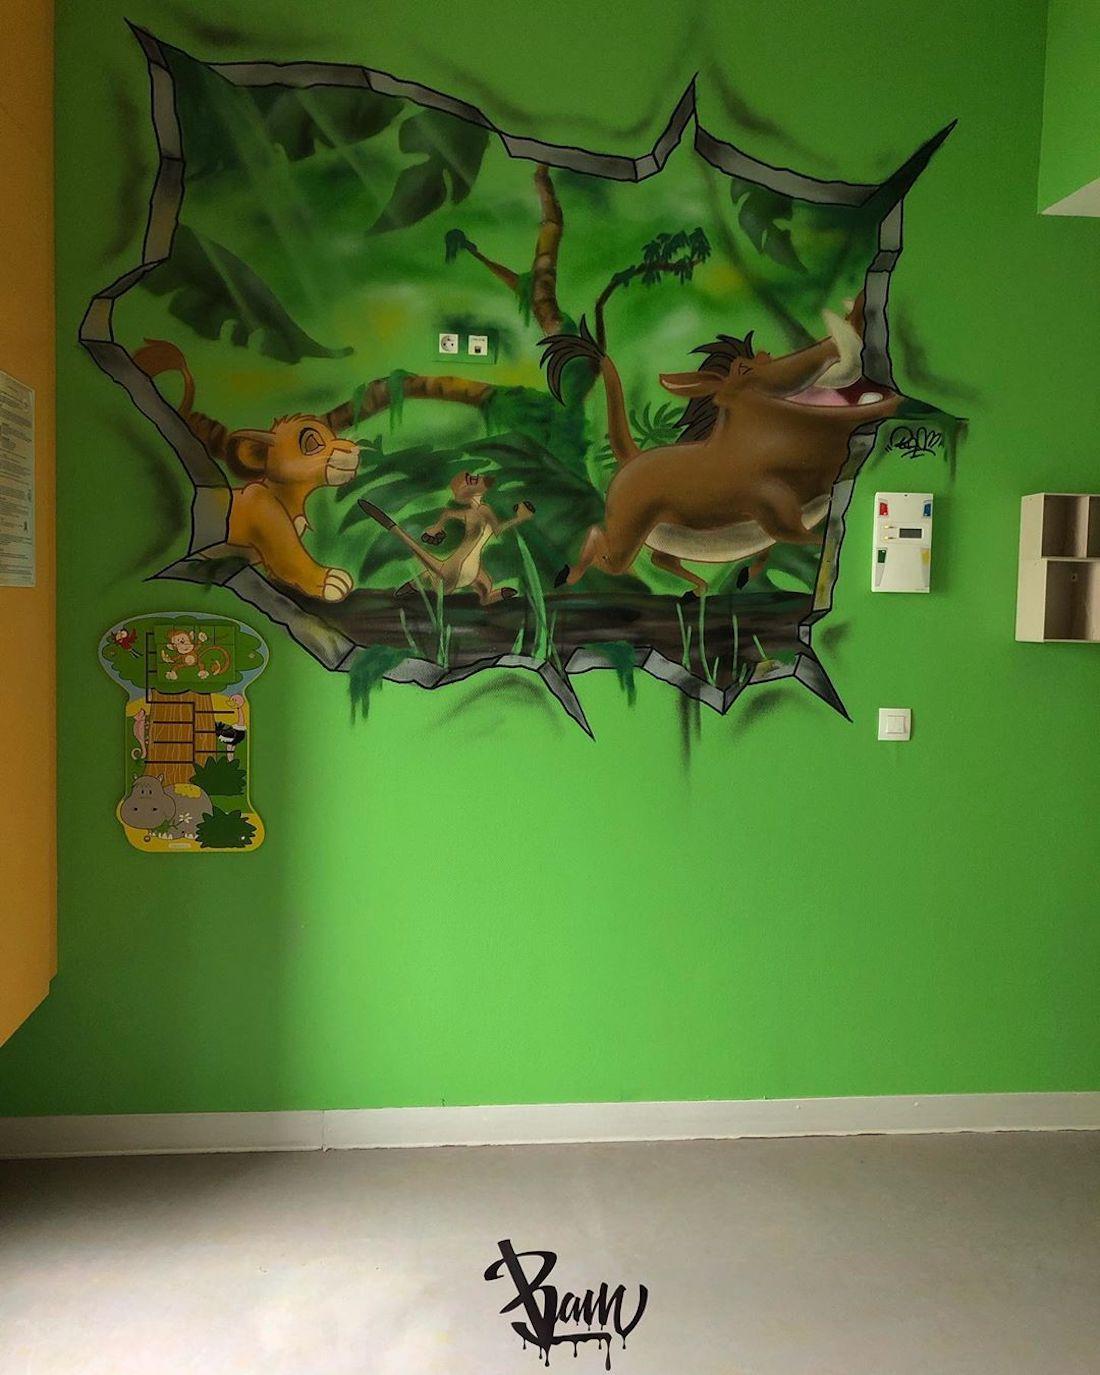 Bam Graffeur Murs Fresques Valenciennes Hôpital Enfants